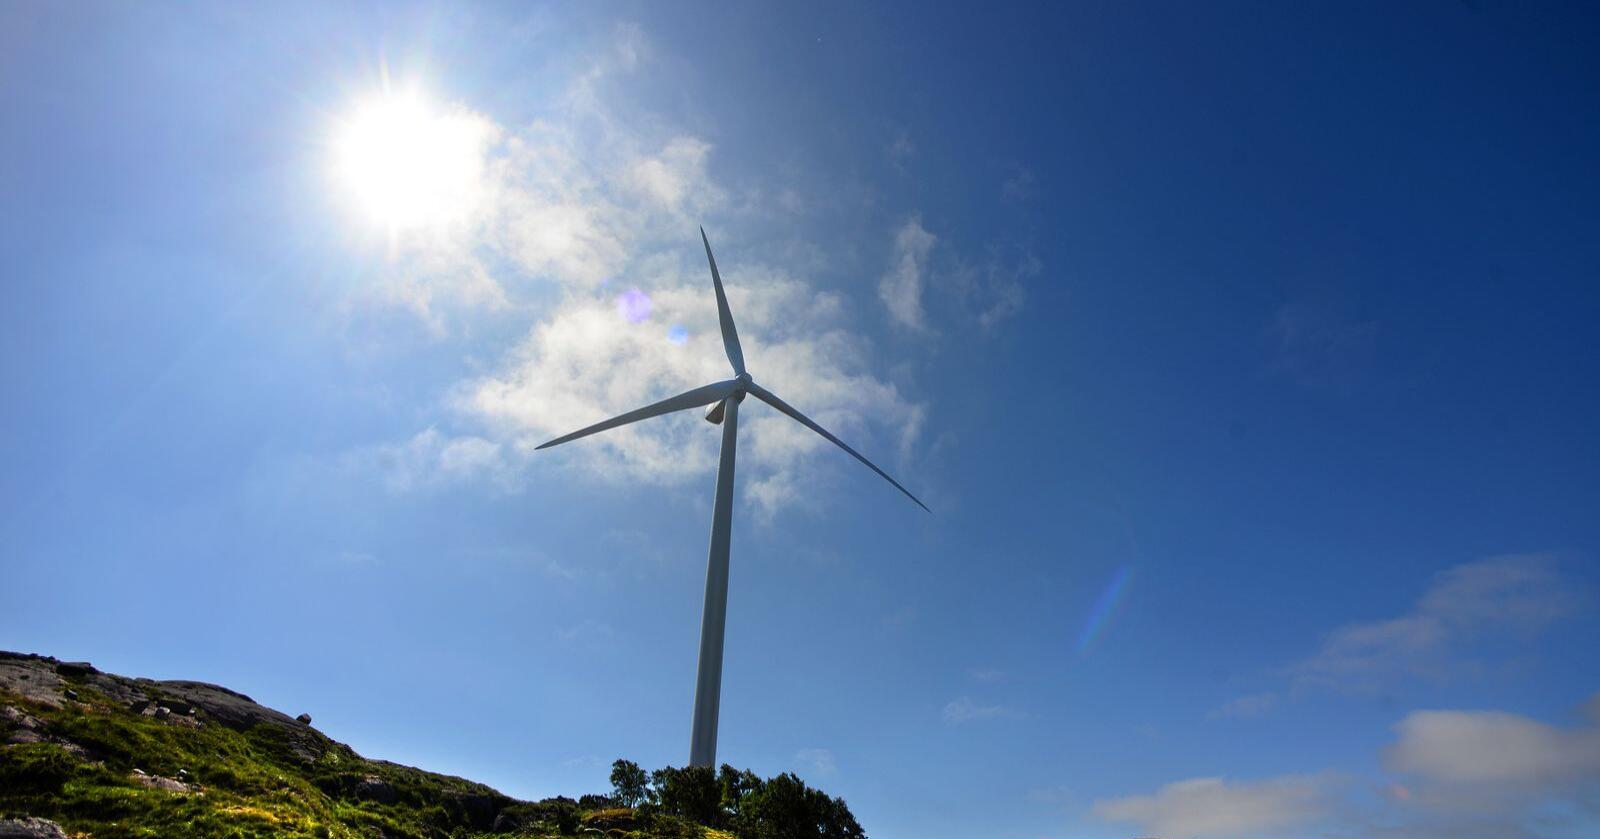 Andelen av den norske befolkningen som er negative til vindkraft har økt. Foto: Siri Juell Rasmsusen